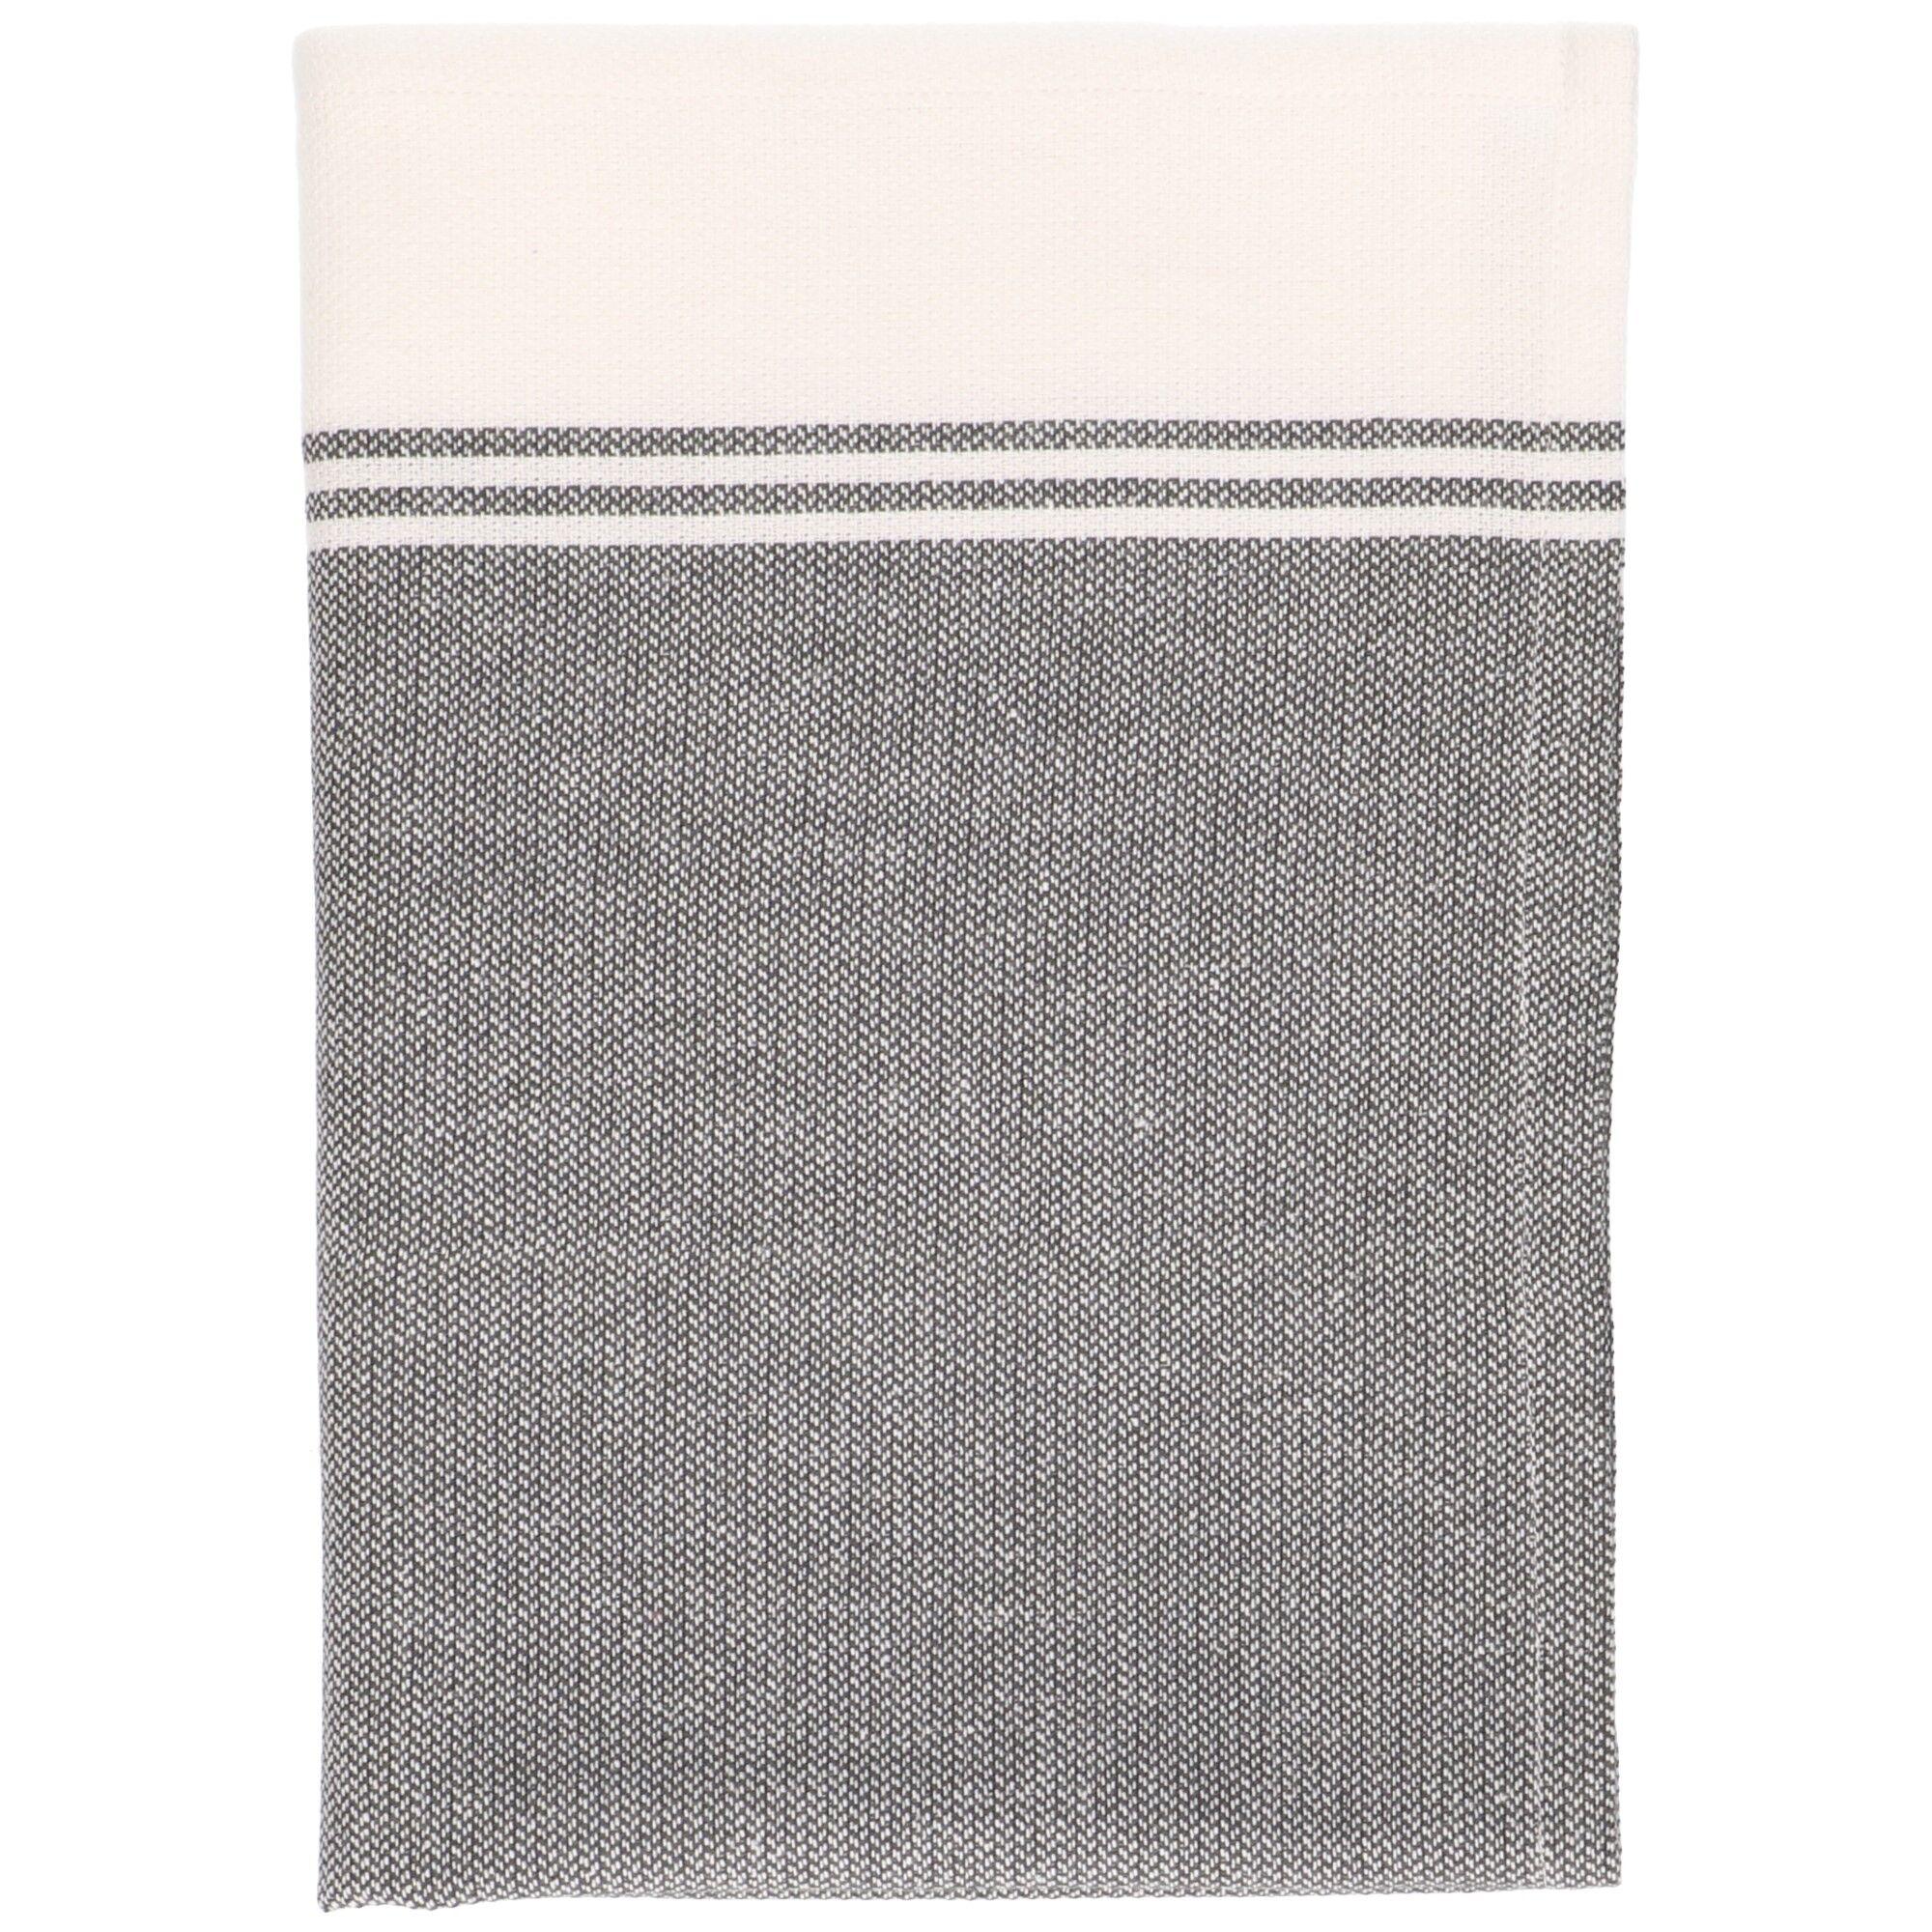 Dille&Kamille Torchon, coton bio, anthracite/blanc chiné, 50 x 70 cm